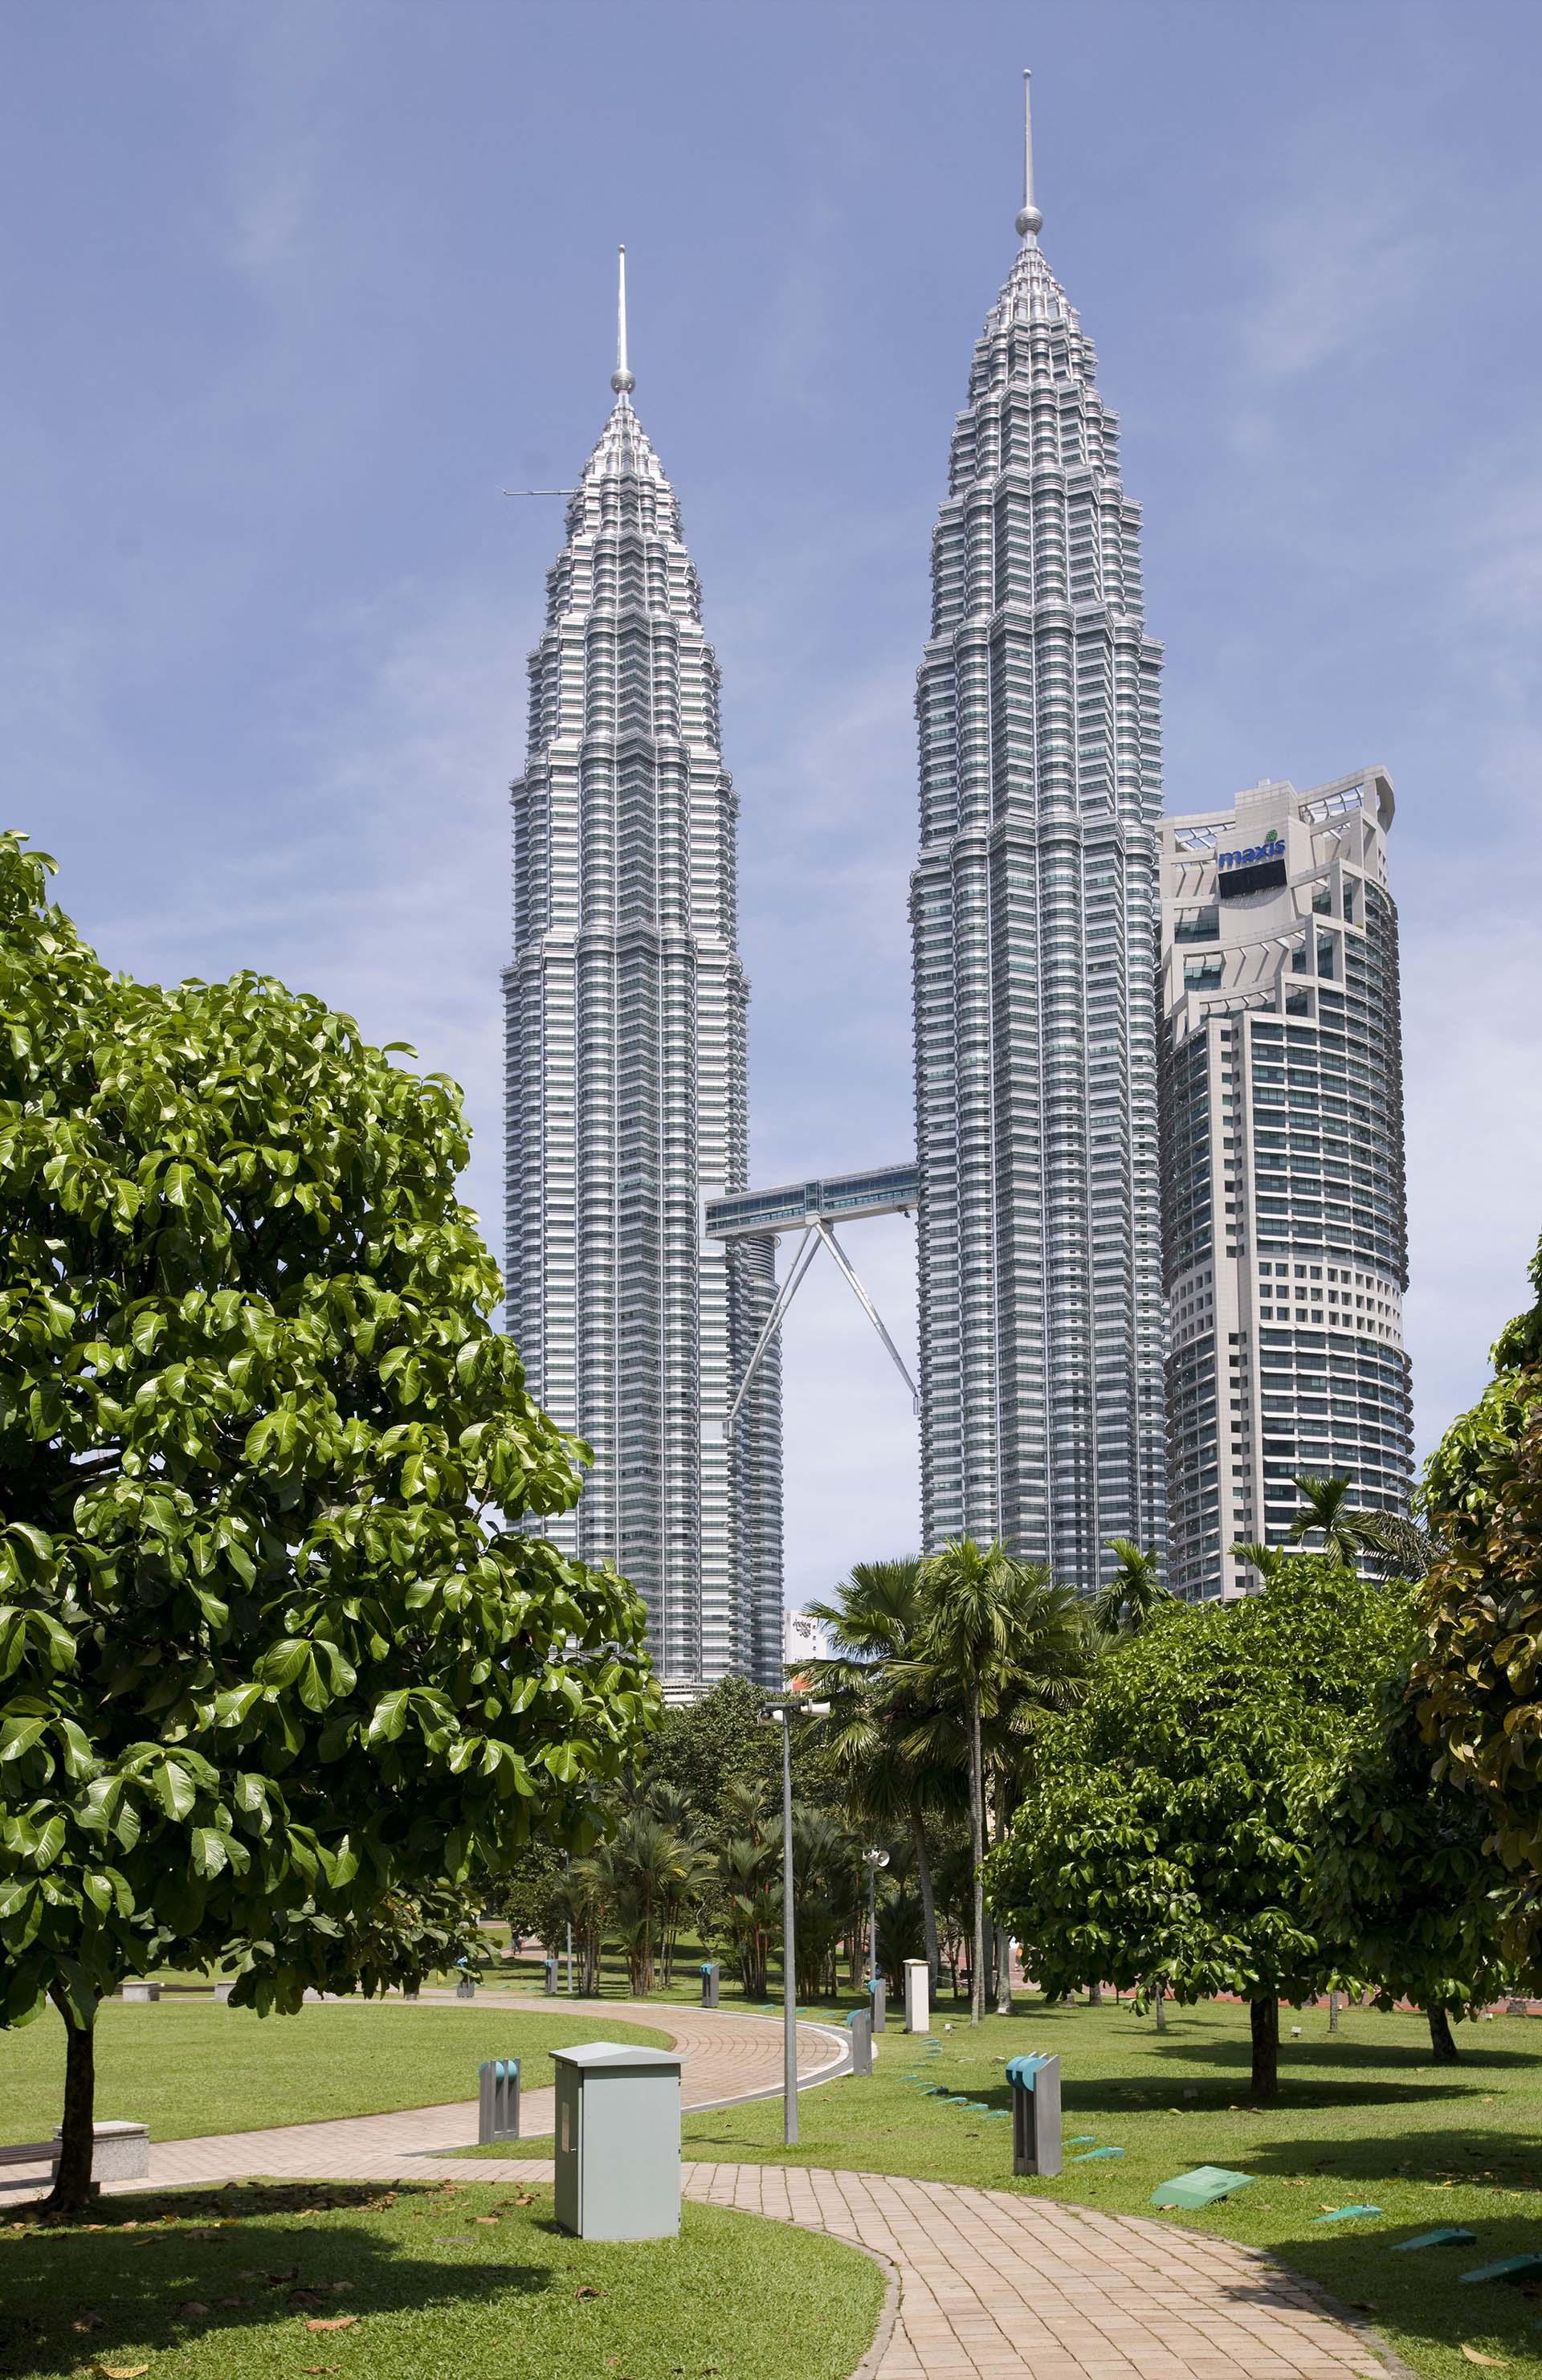 Su obra emblemática: las Torres Petronas en Kuala Lumpur, Malasia, fueron los edificios más altos del mundo entre 1998 y 2003, superados el 17 de octubre de 2003 por el edificio Taipei 101 en Taiwán. Entre las obras de Pelli más notables alrededor del mundo figuran la Torre Cajasol, One Canada Square, Cheung Kong Center, Torre de Cristal, Torre Iberdrola. (Shutterstock)